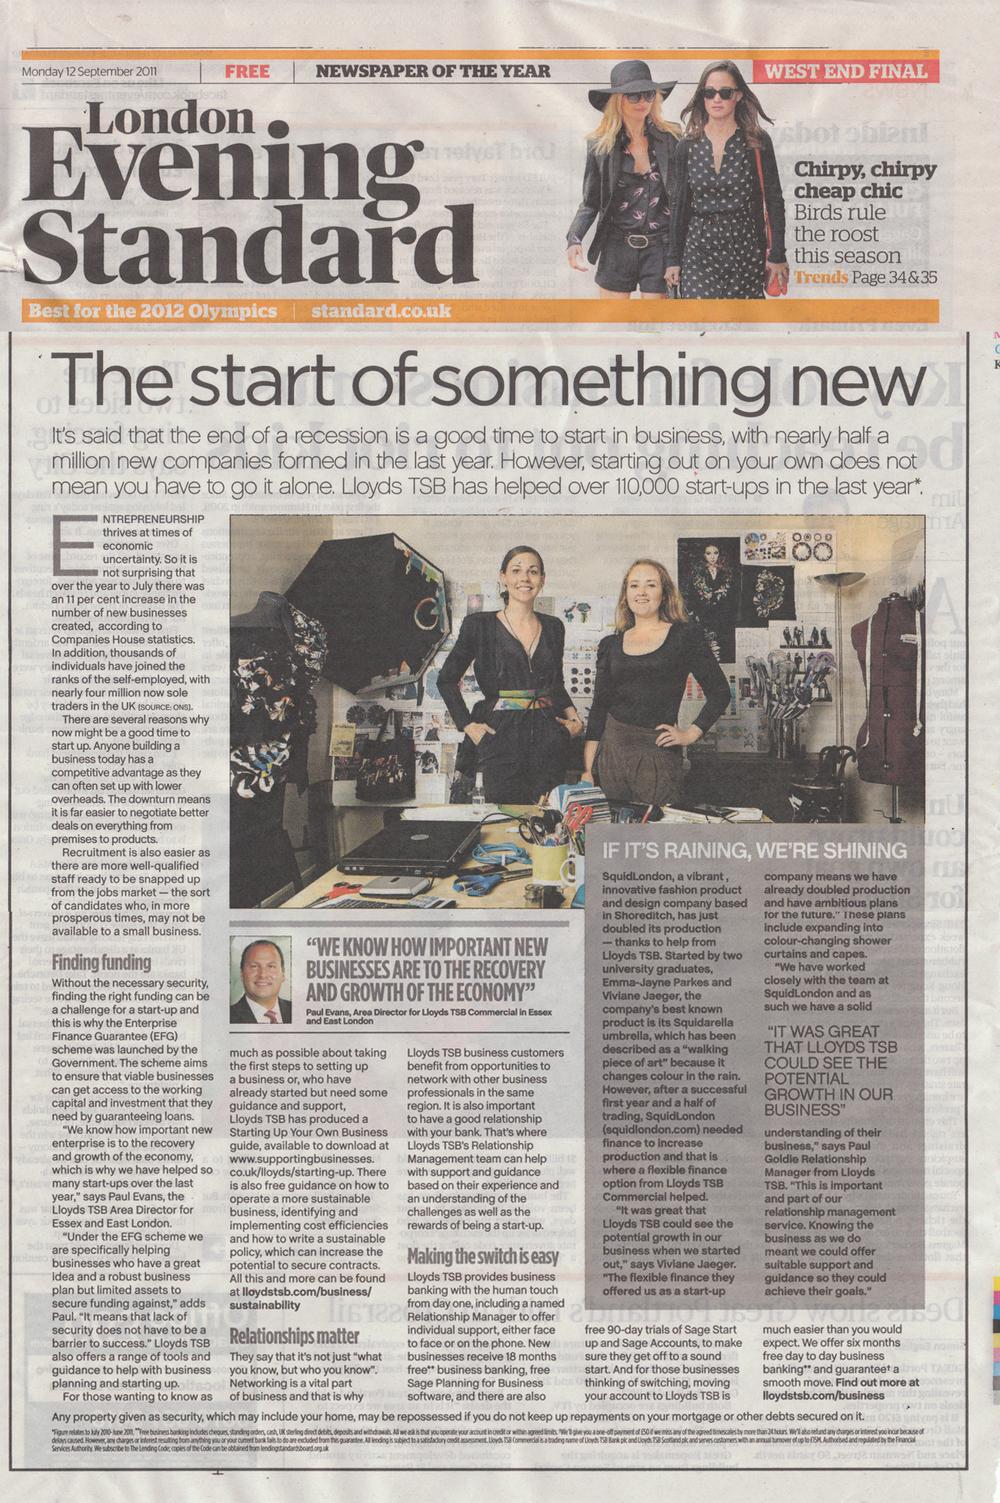 September 2011 Evening Standard